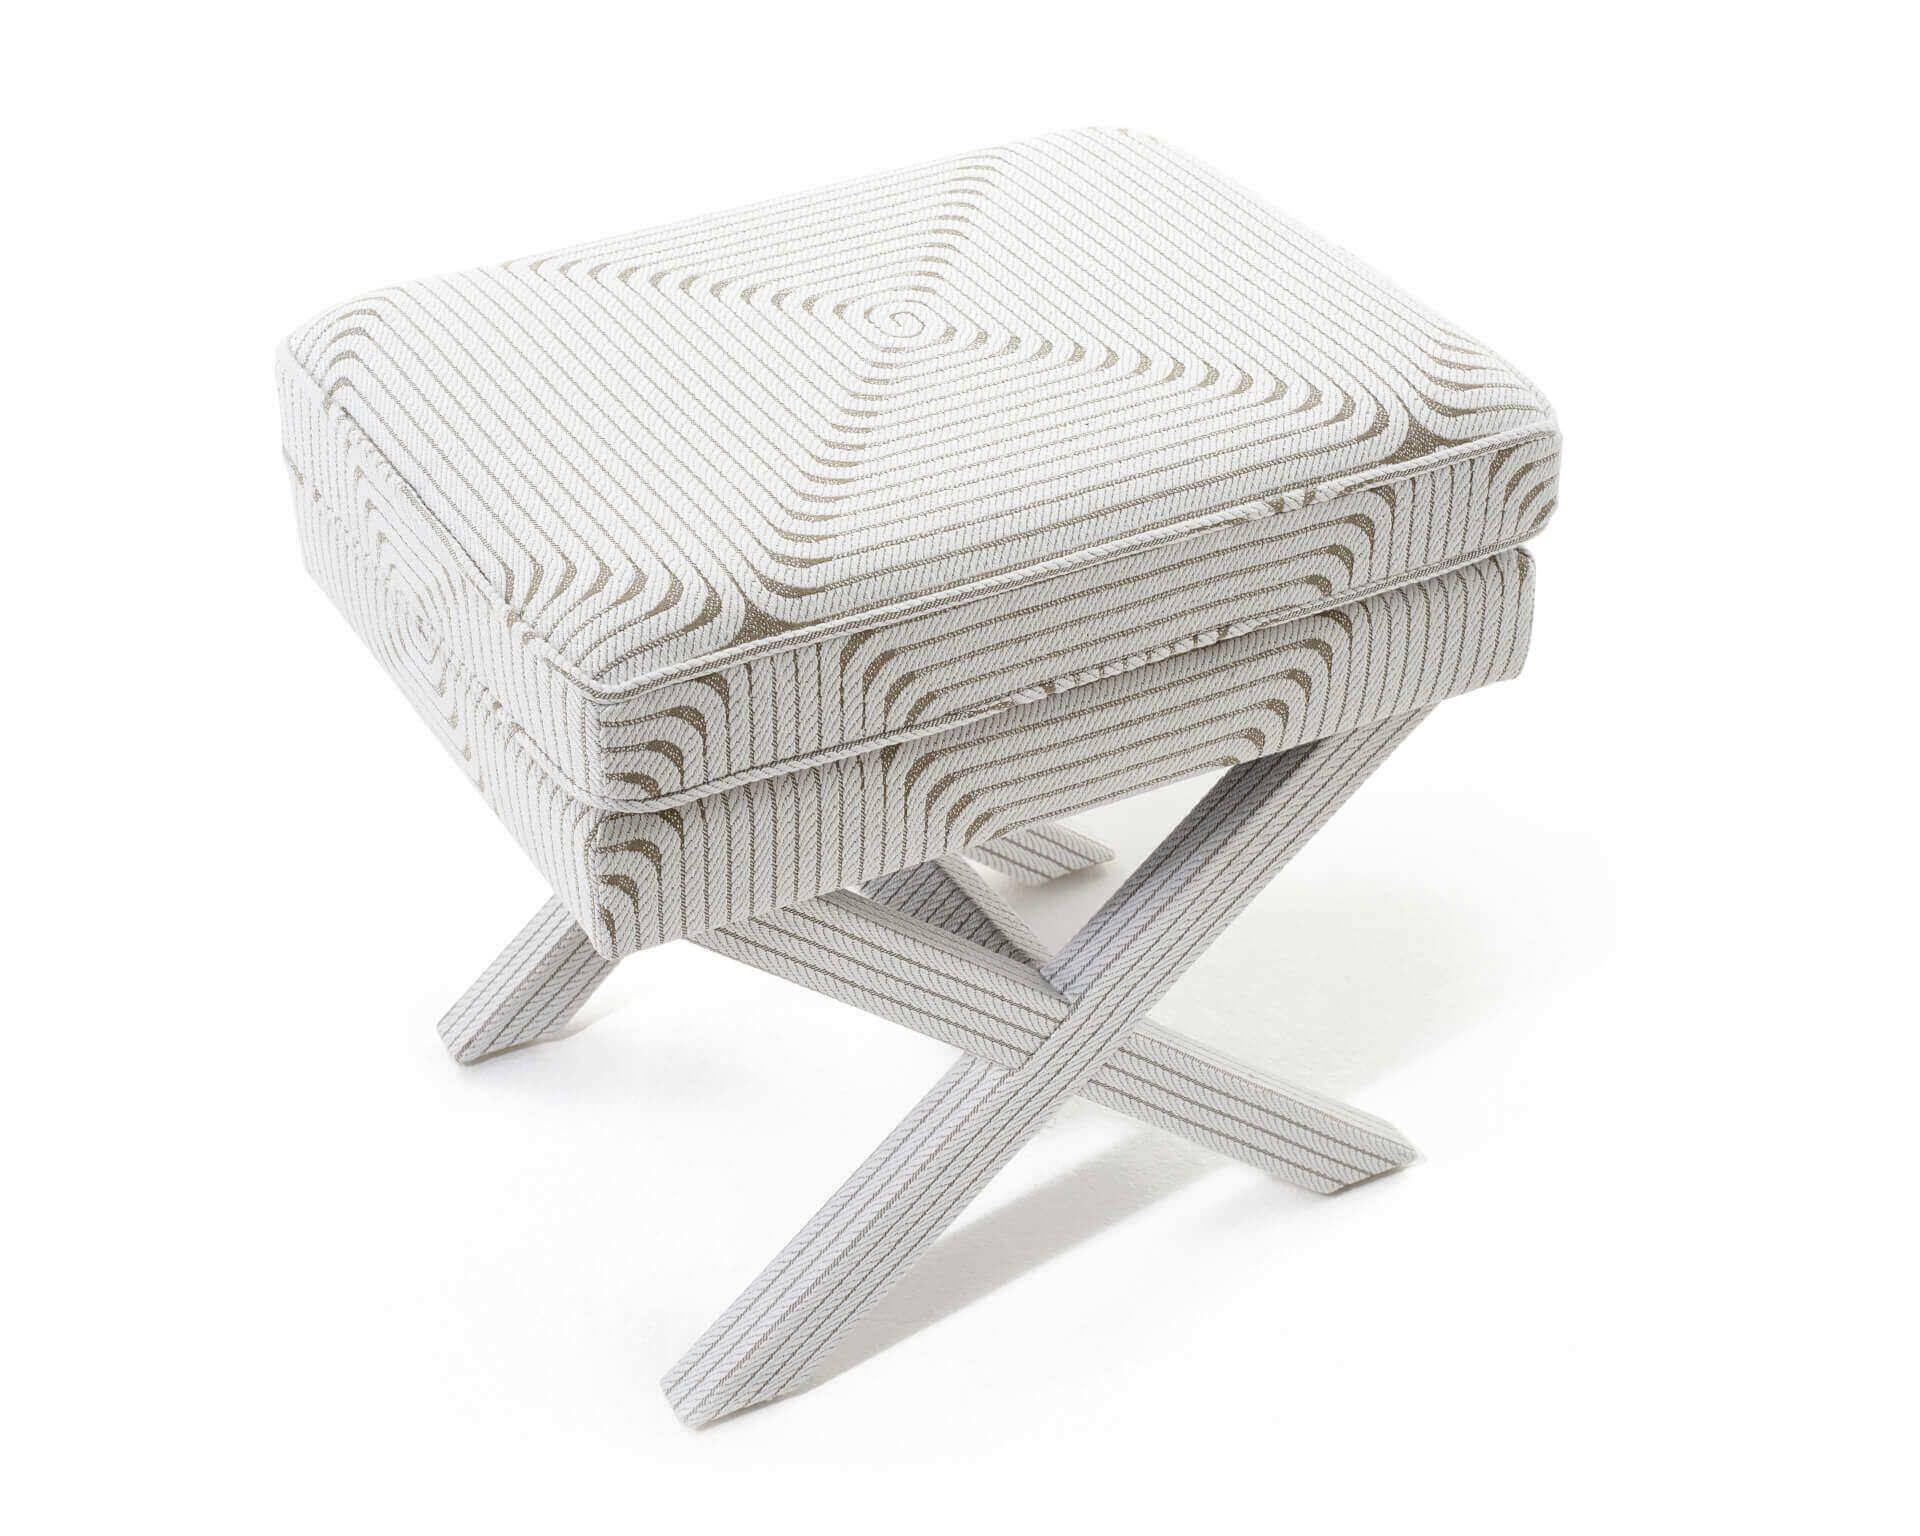 Furniture FGREGTT050G Grégoire Pierre Frey in 2020